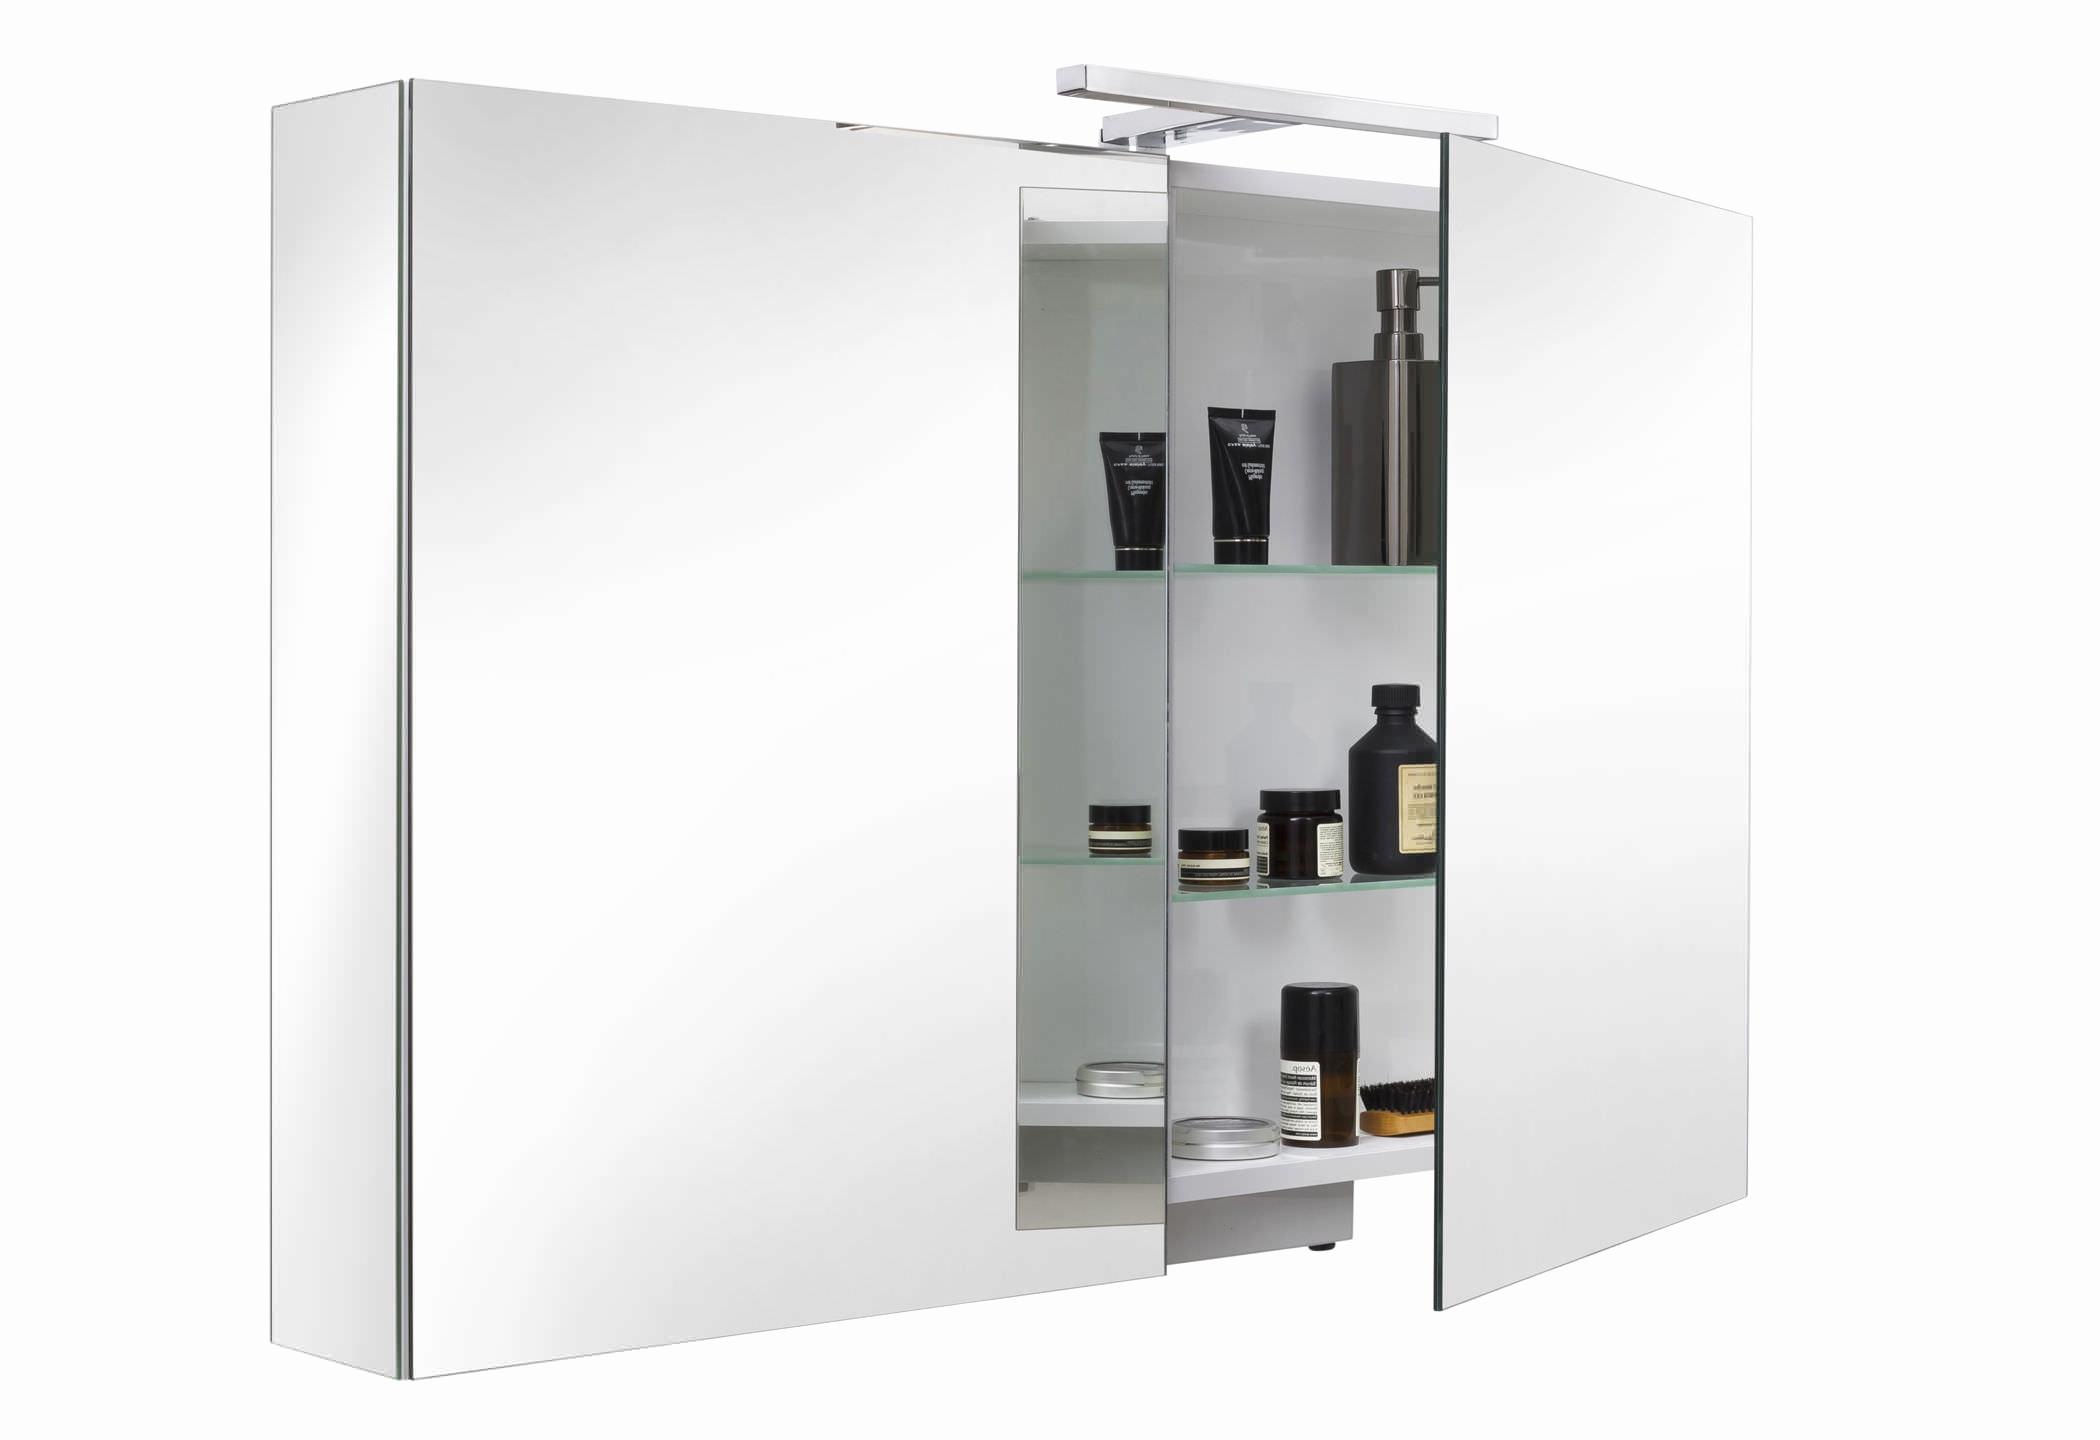 Miroir Salle De Bain Lumineux Leroy Merlin Nouveau Image Meuble De toilette 30 Armoire Pour Salle Bain Avec Miroir